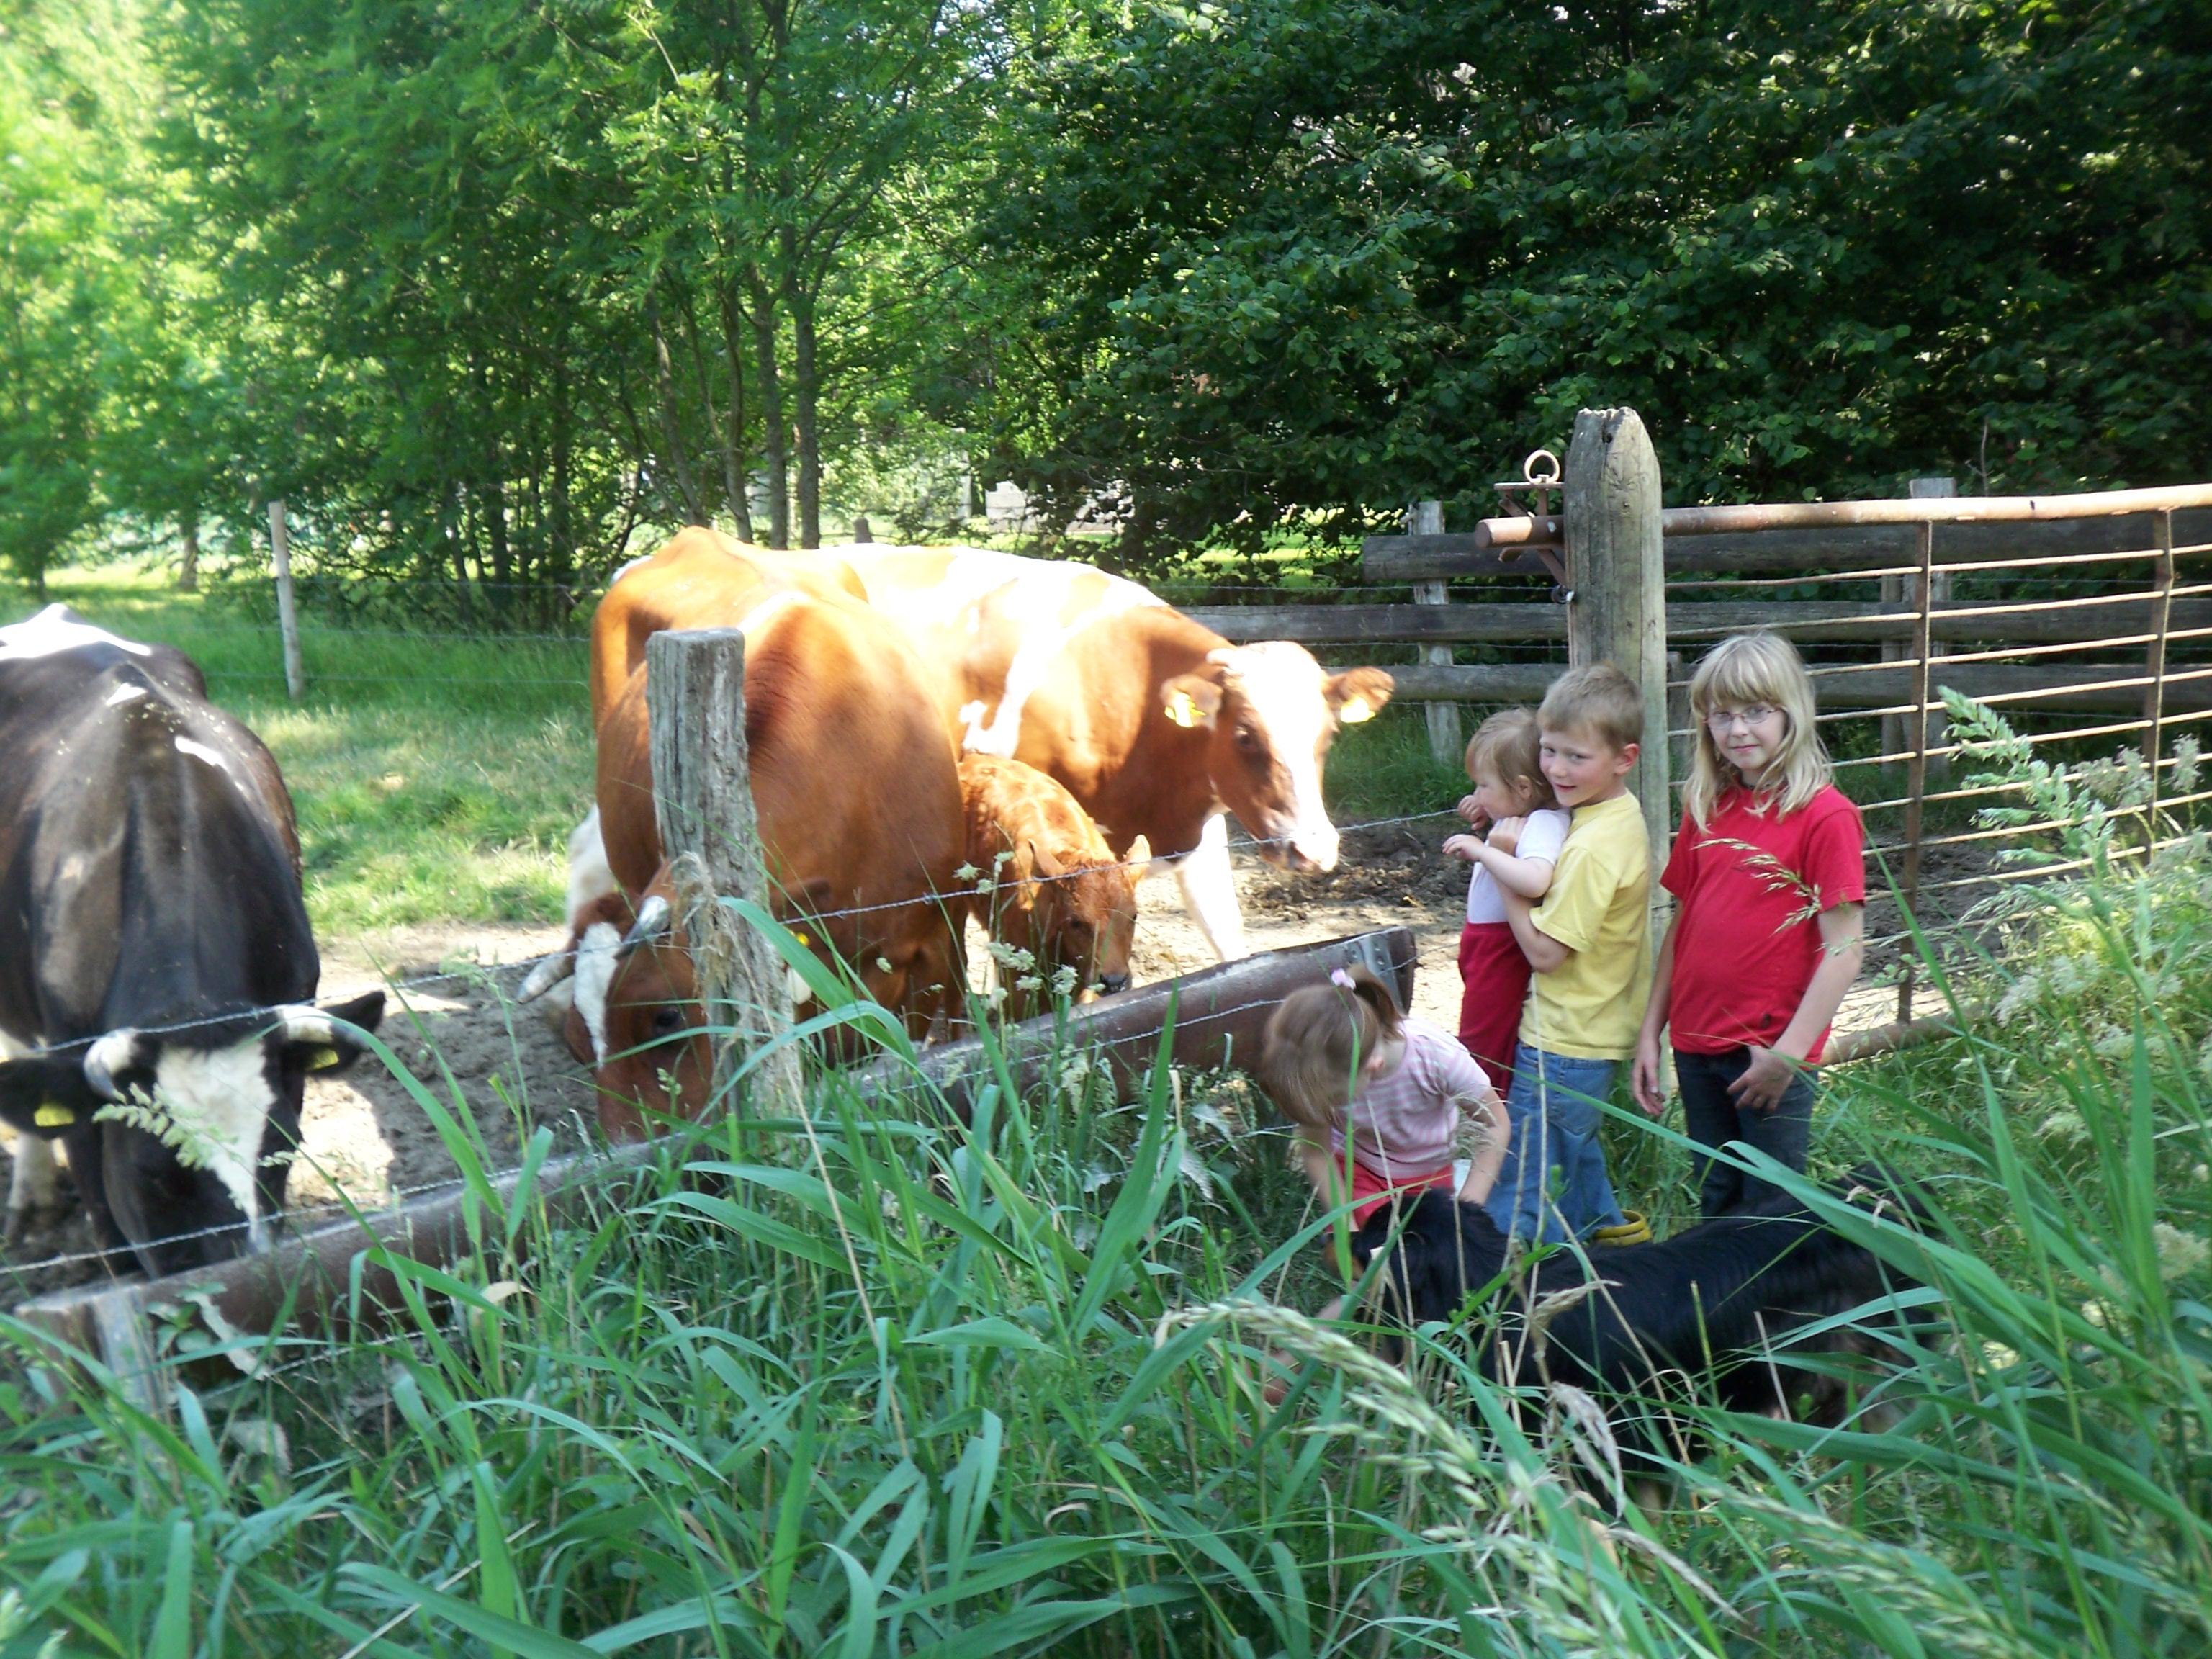 Bei uns können die Kinder lernen, wie die Tiere gefüttert und gepflegt werden!